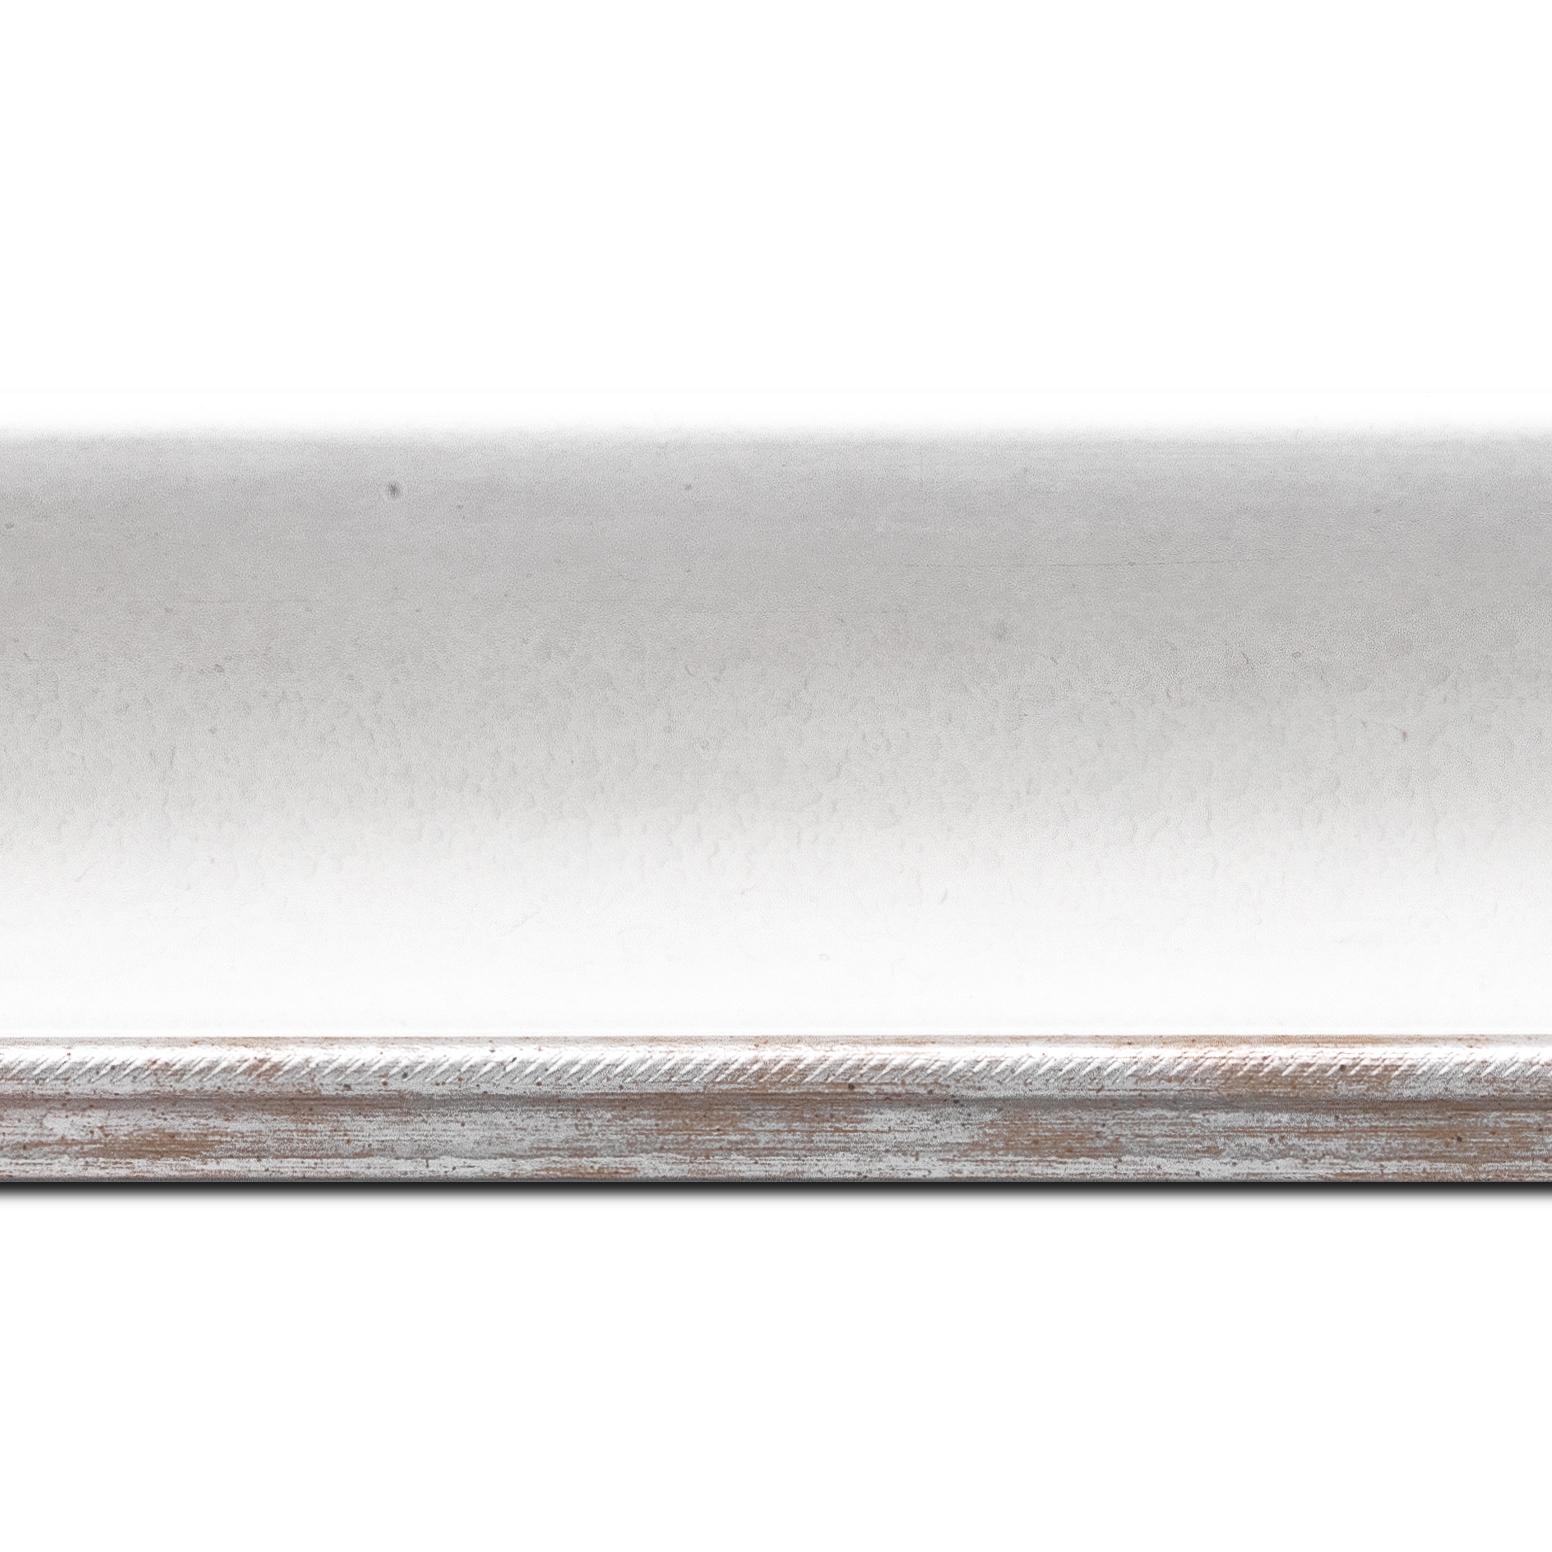 Pack par 12m, bois profil incurvé largeur 7.5cm de couleur blanc finition antique filet argent(longueur baguette pouvant varier entre 2.40m et 3m selon arrivage des bois)